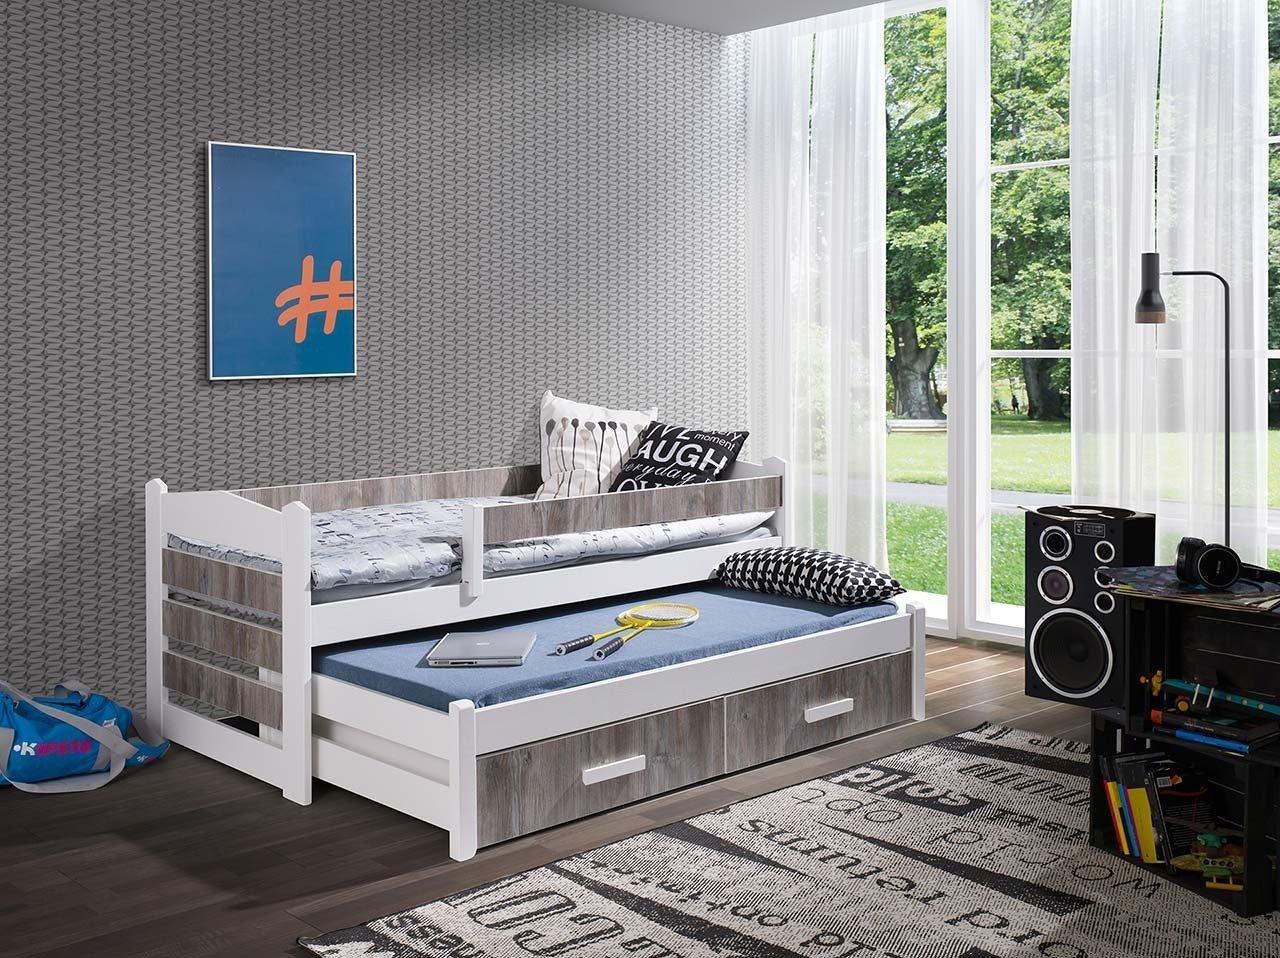 łóżko Piętrowe Niskie 2 Osobowe Z Barierką Do Pokoju Młodzieżowego Z Materacami